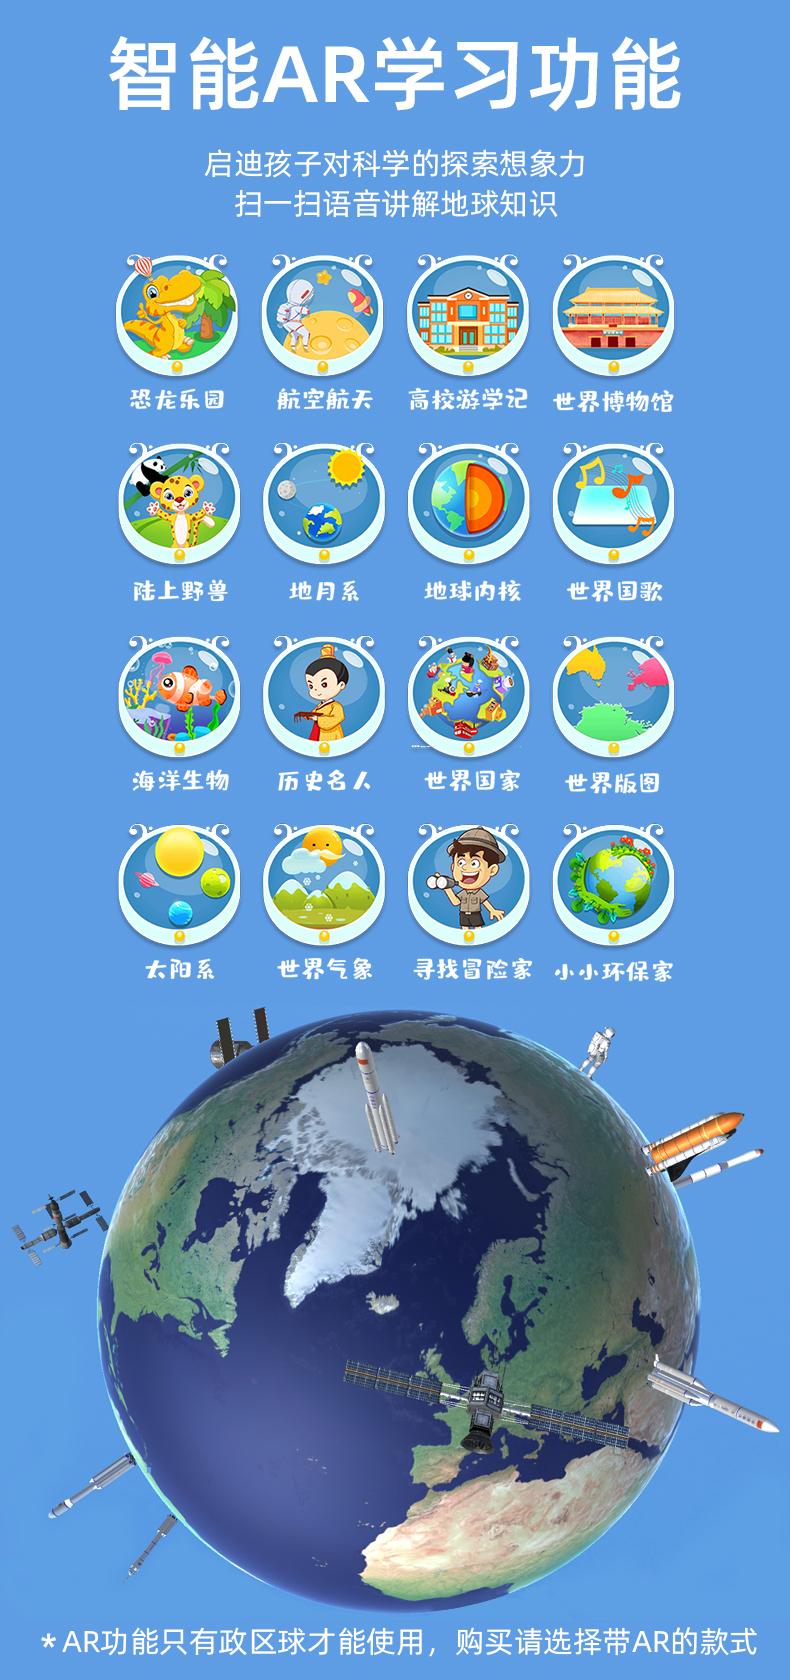 正版地球仪立体磁浮儿童节生日礼物智能高清语音发光自转摆件檯灯创意客厅装饰学生用初中生地理黑科技详细照片